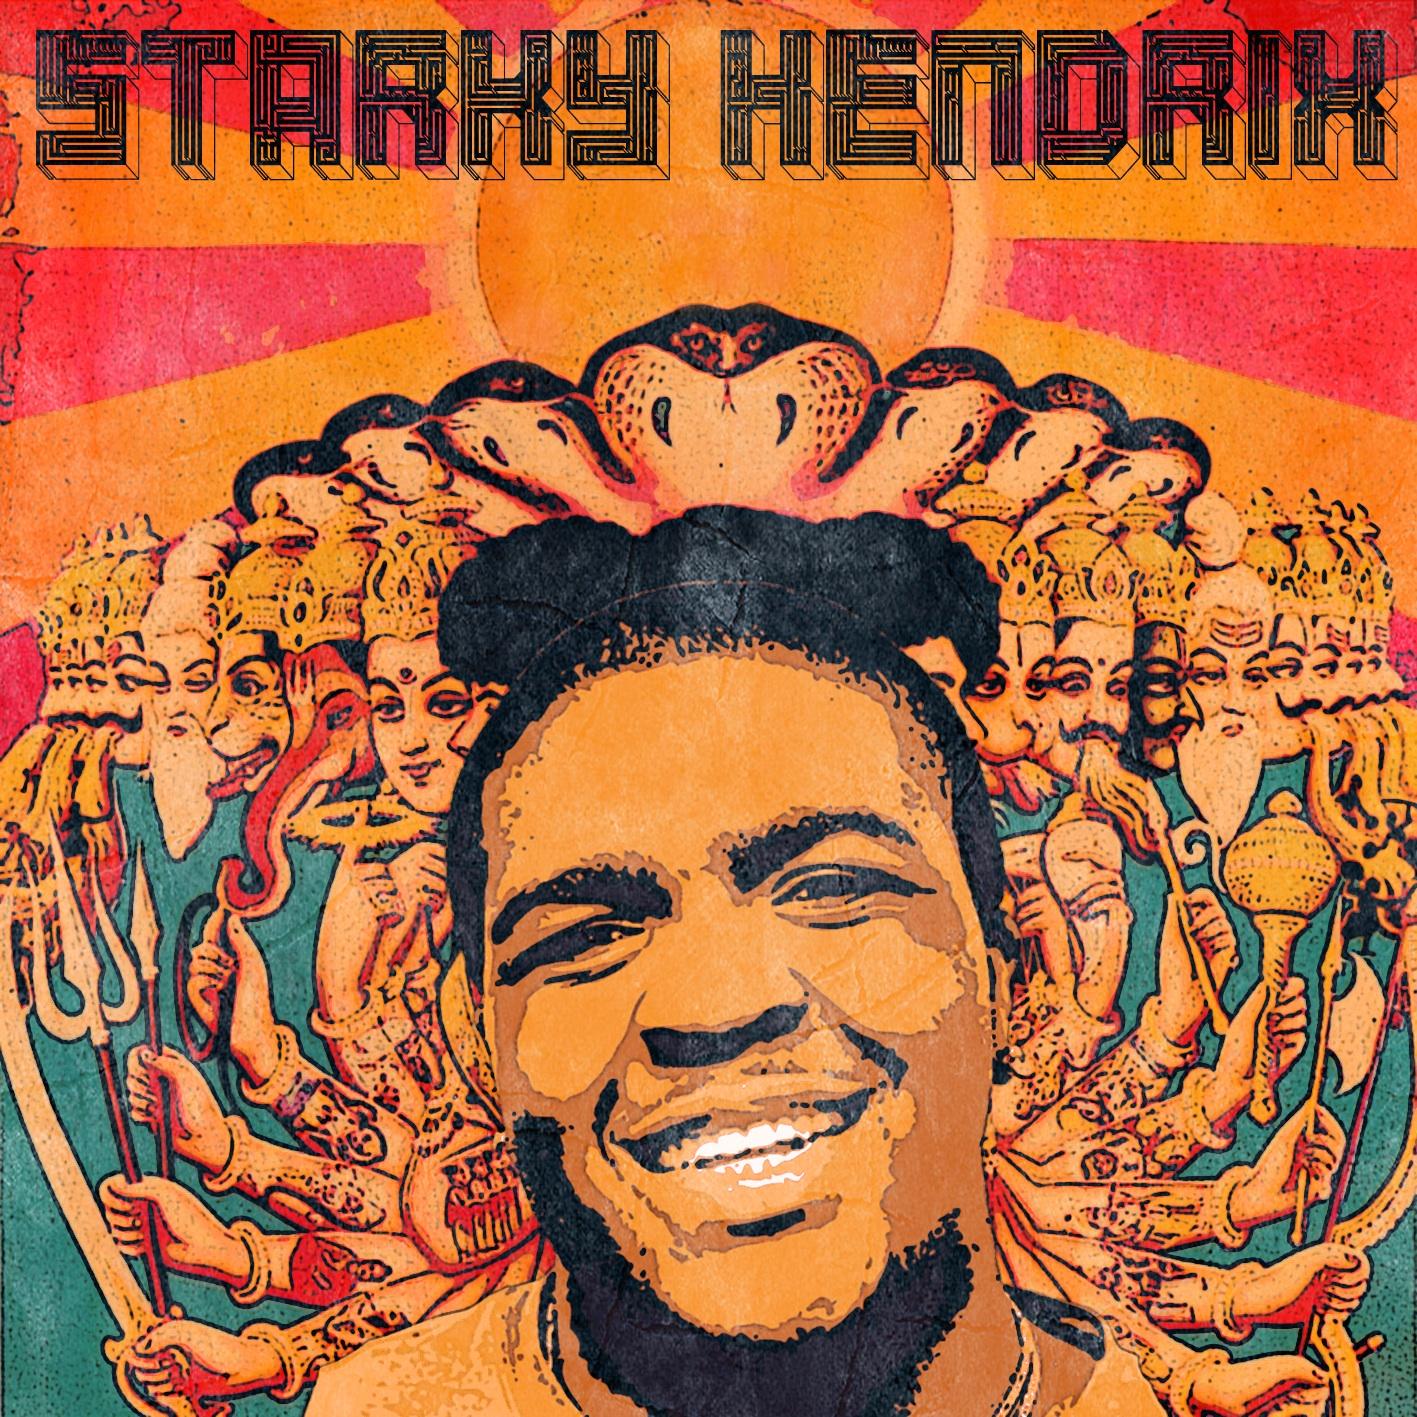 starky-hendrix